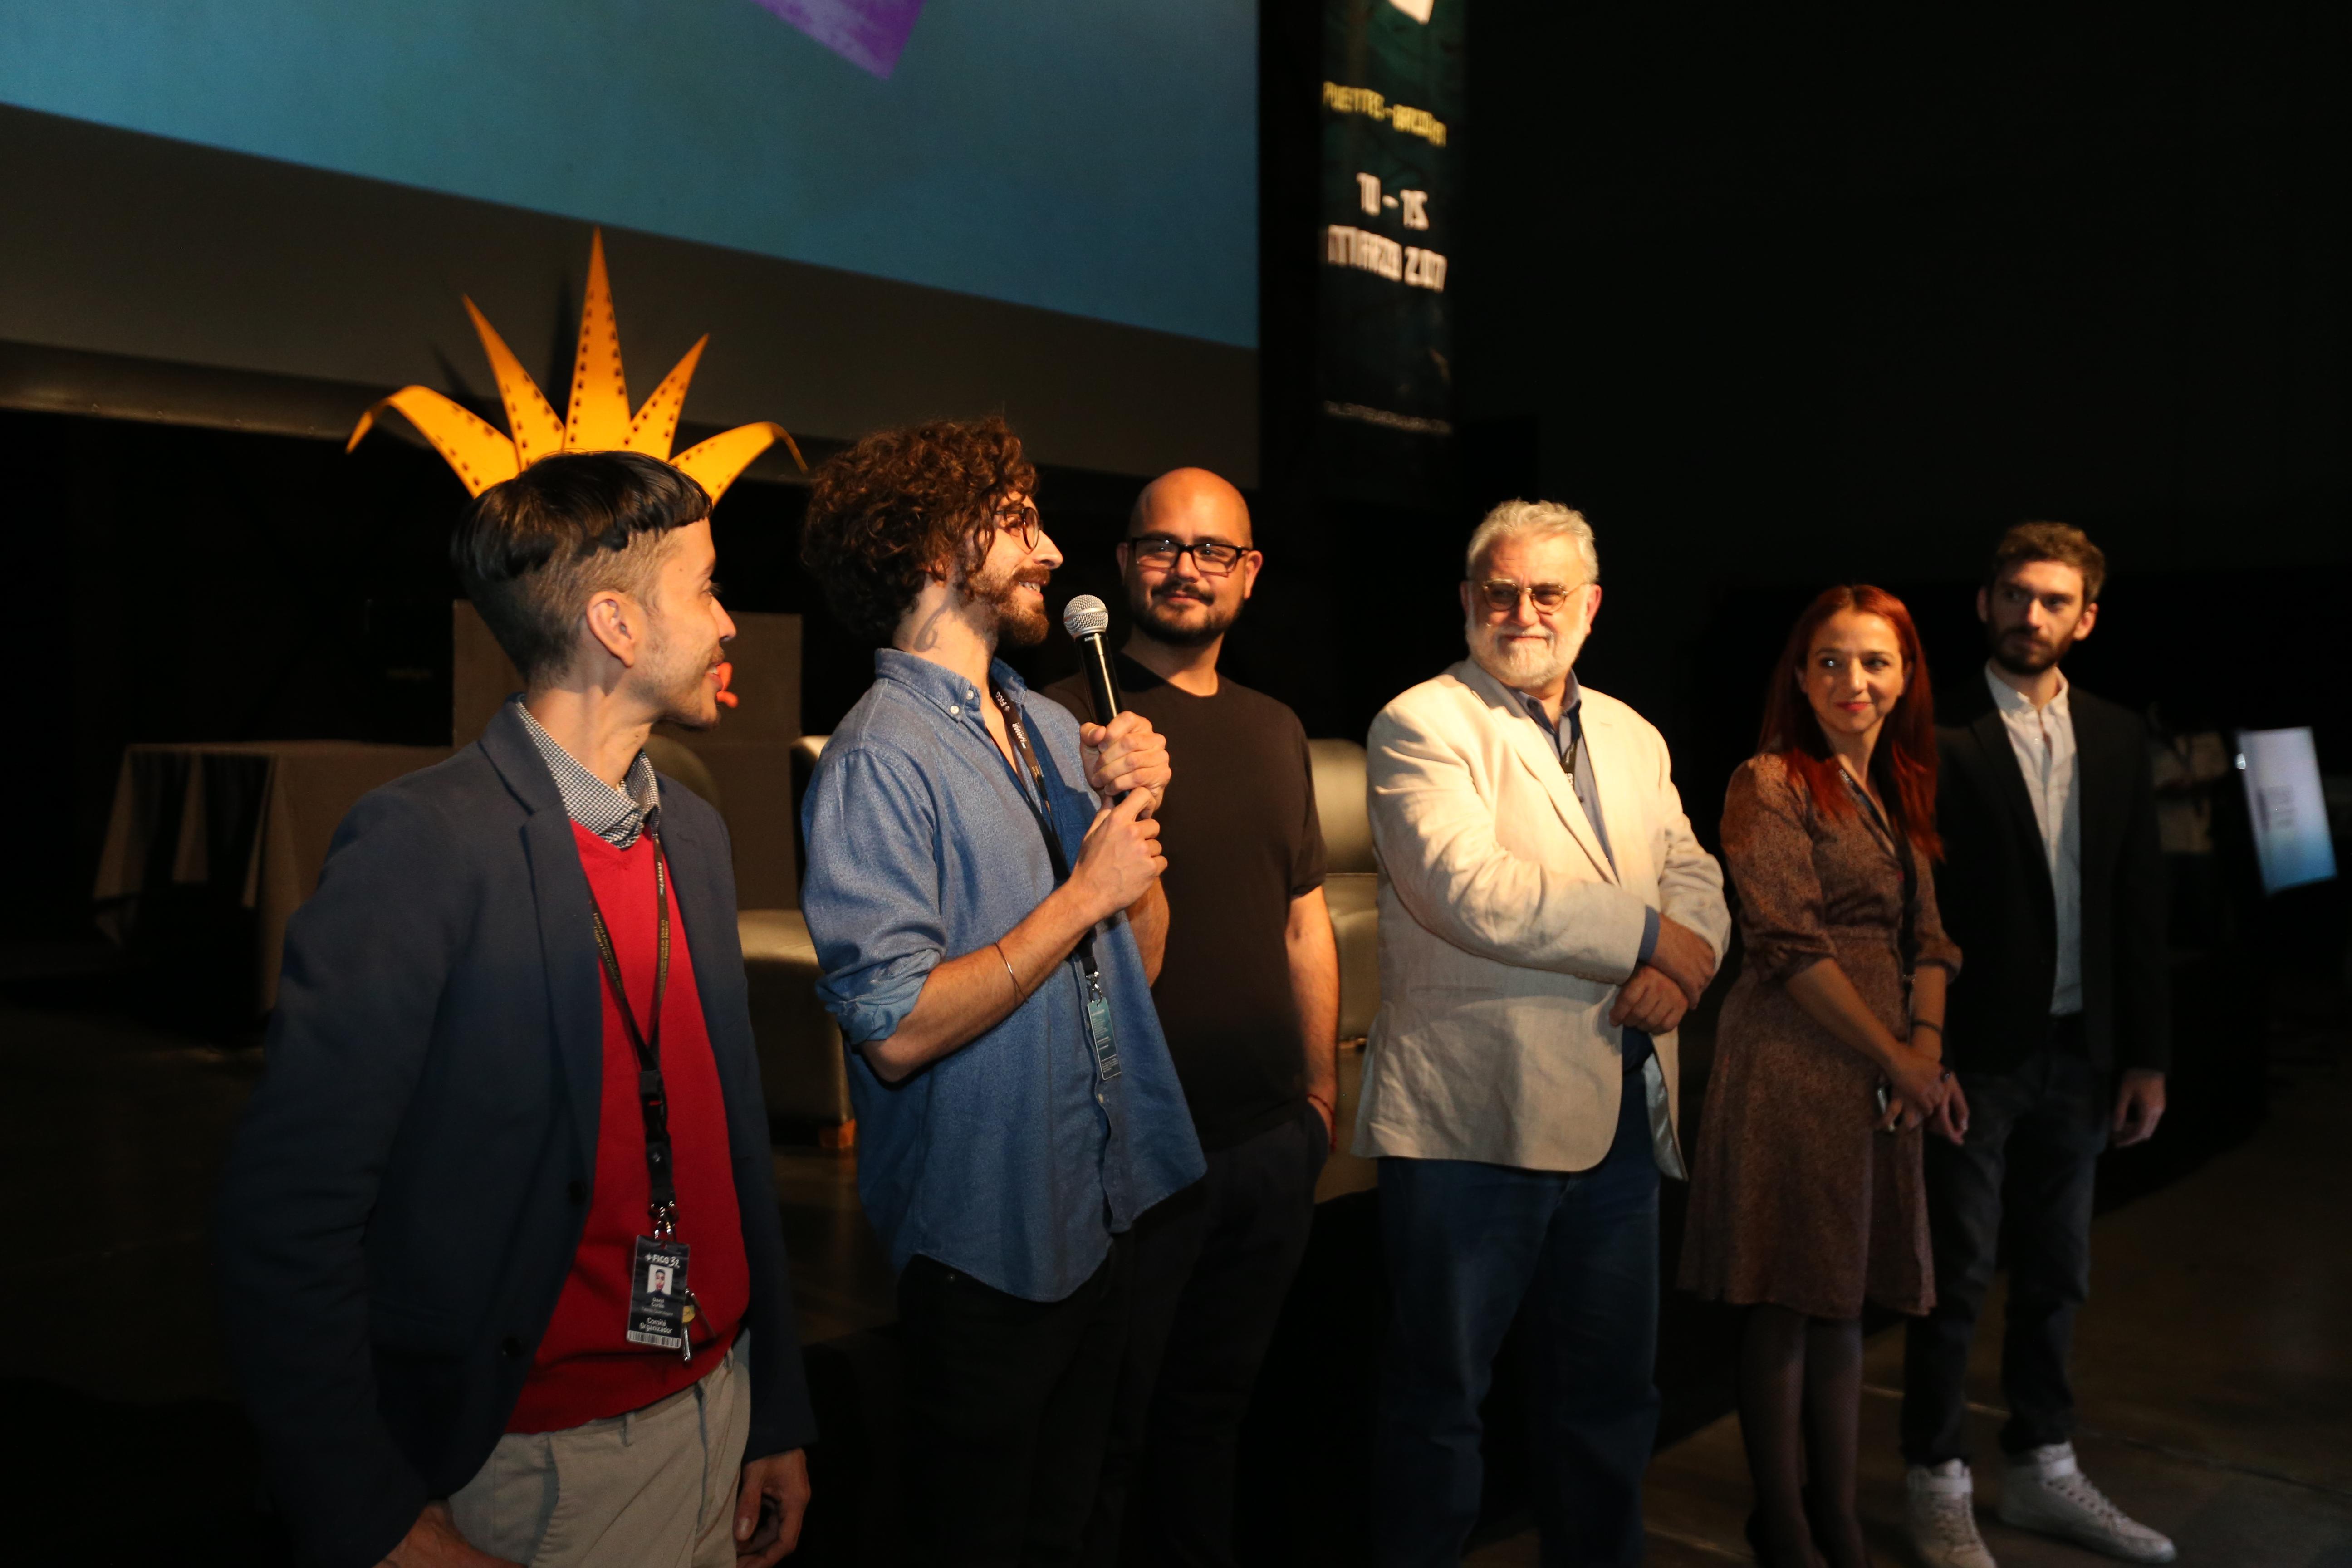 El coordinador del Berlinale Talents International, Matthias Campe; con micrófono en mano, haciendo uso de la palabra.